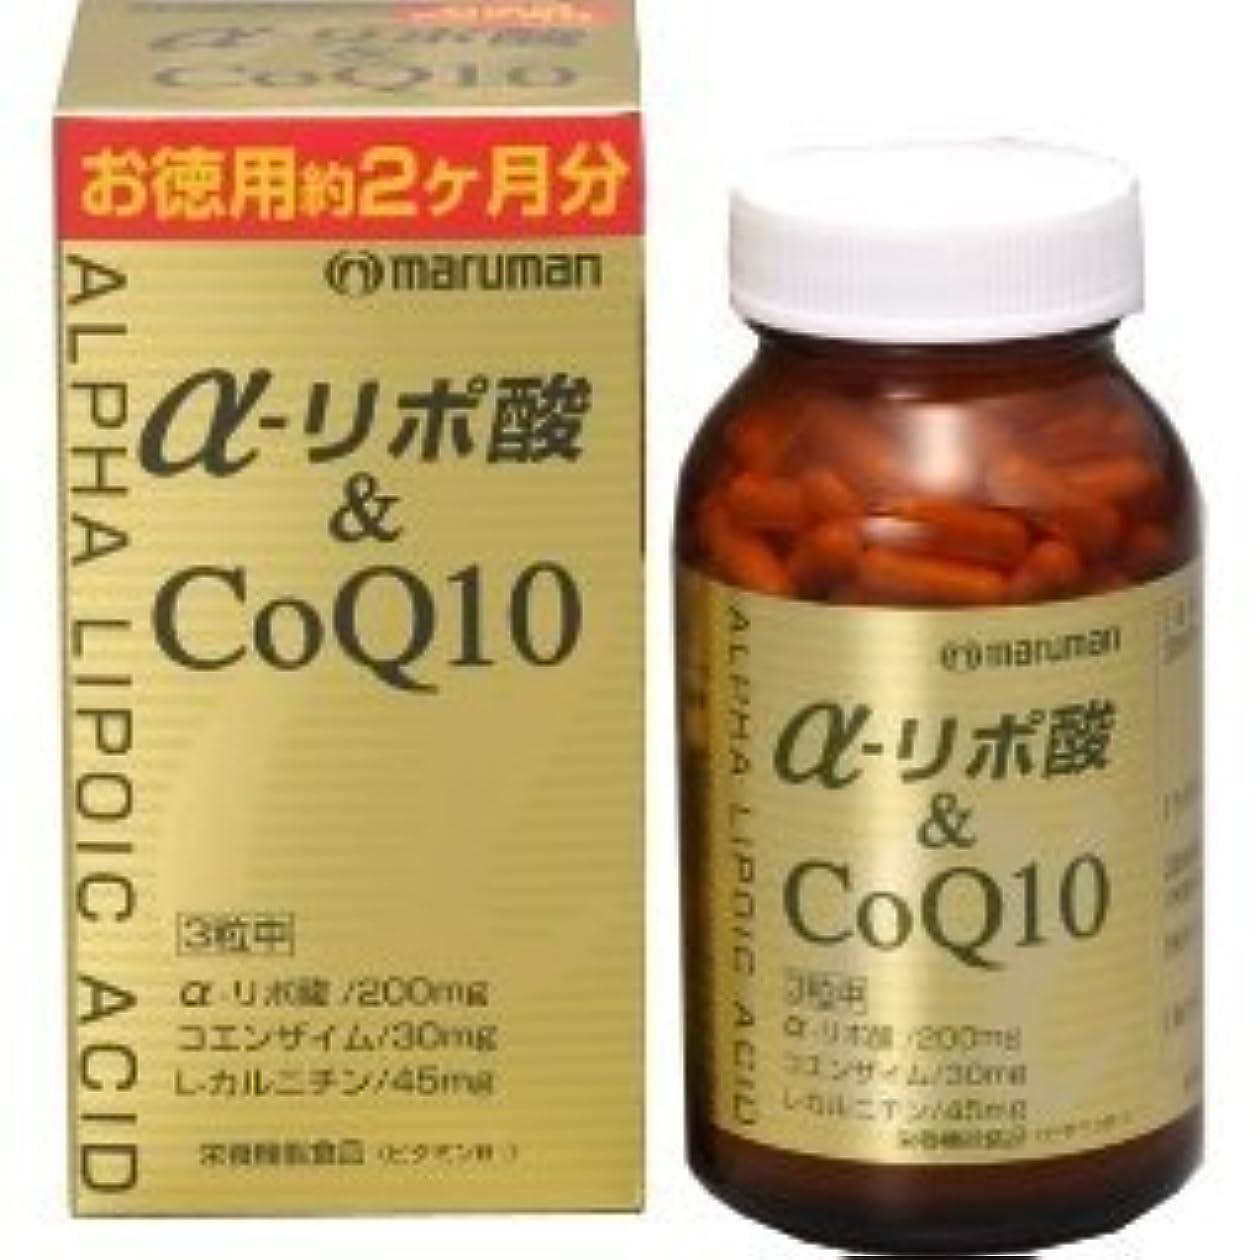 ヘルメット時代突然αリポ酸&COQ10 180粒